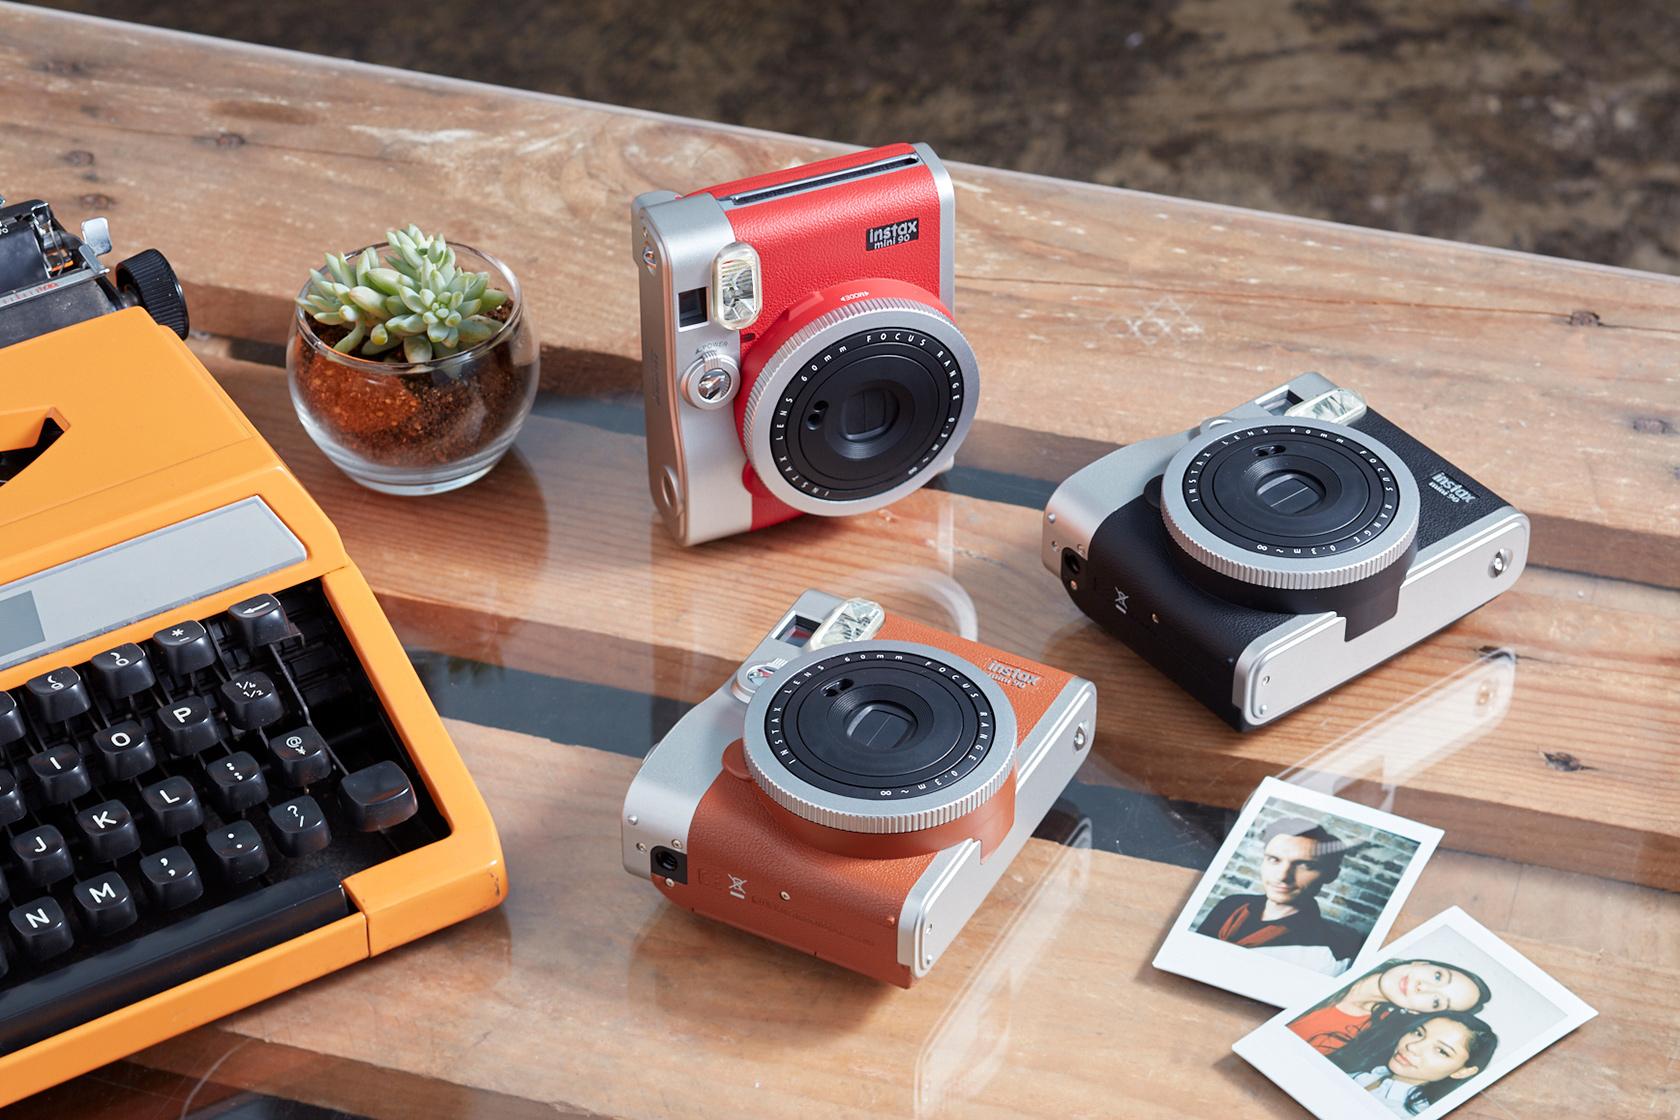 [photo] 나무 테이블 위에 인스탁스 미니90 3대가 놓인 사진